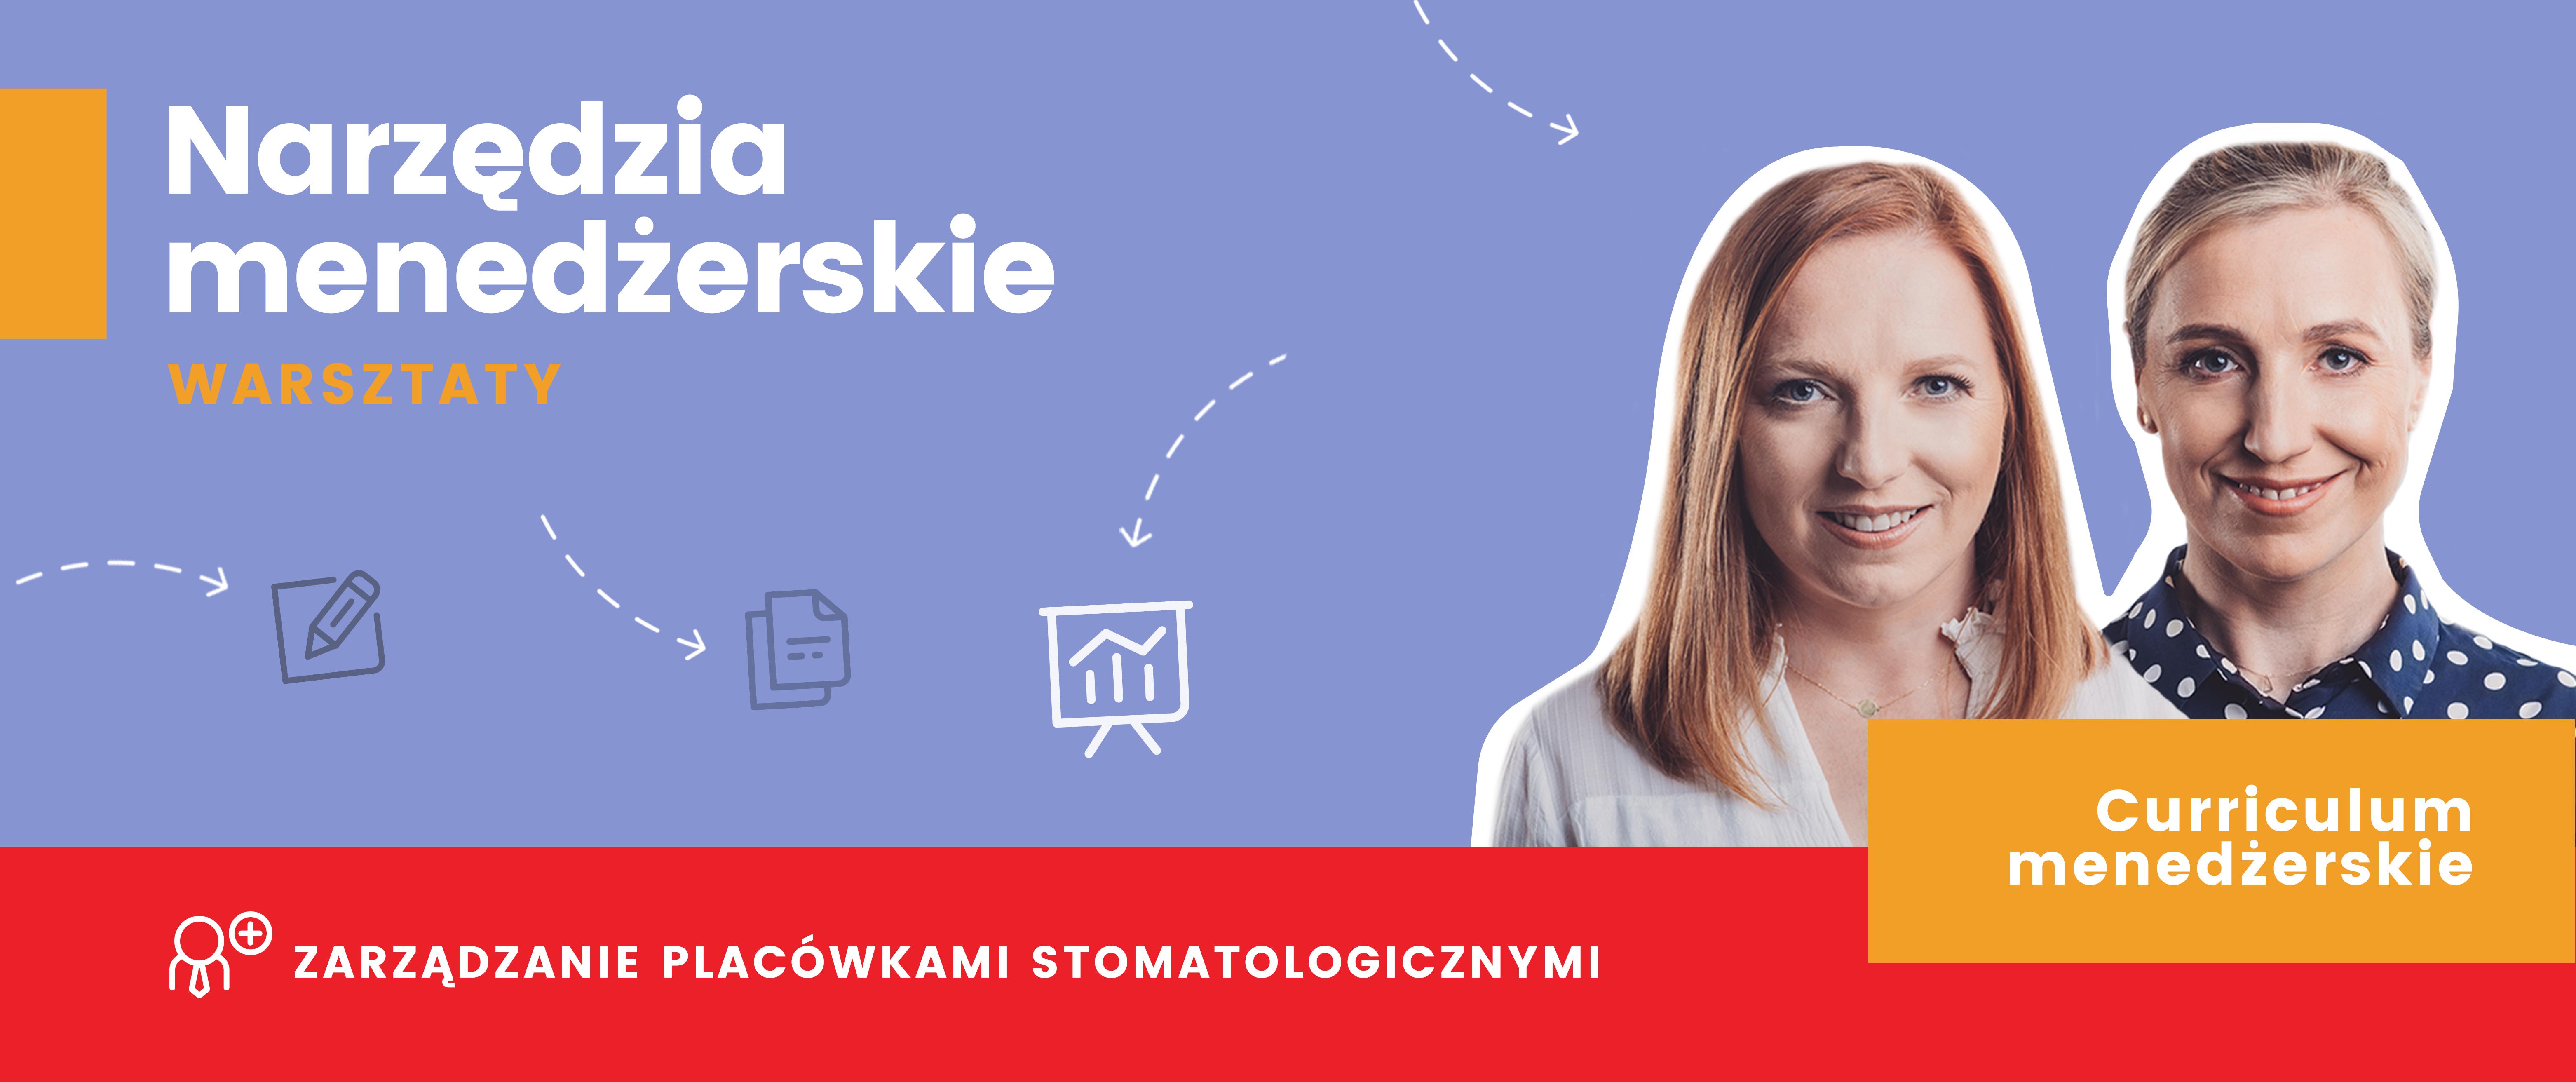 Warsztaty - Narzędzia Menedżerskie / Skuteczne i efektywne zarządzanie placówkami stomatologicznymi.